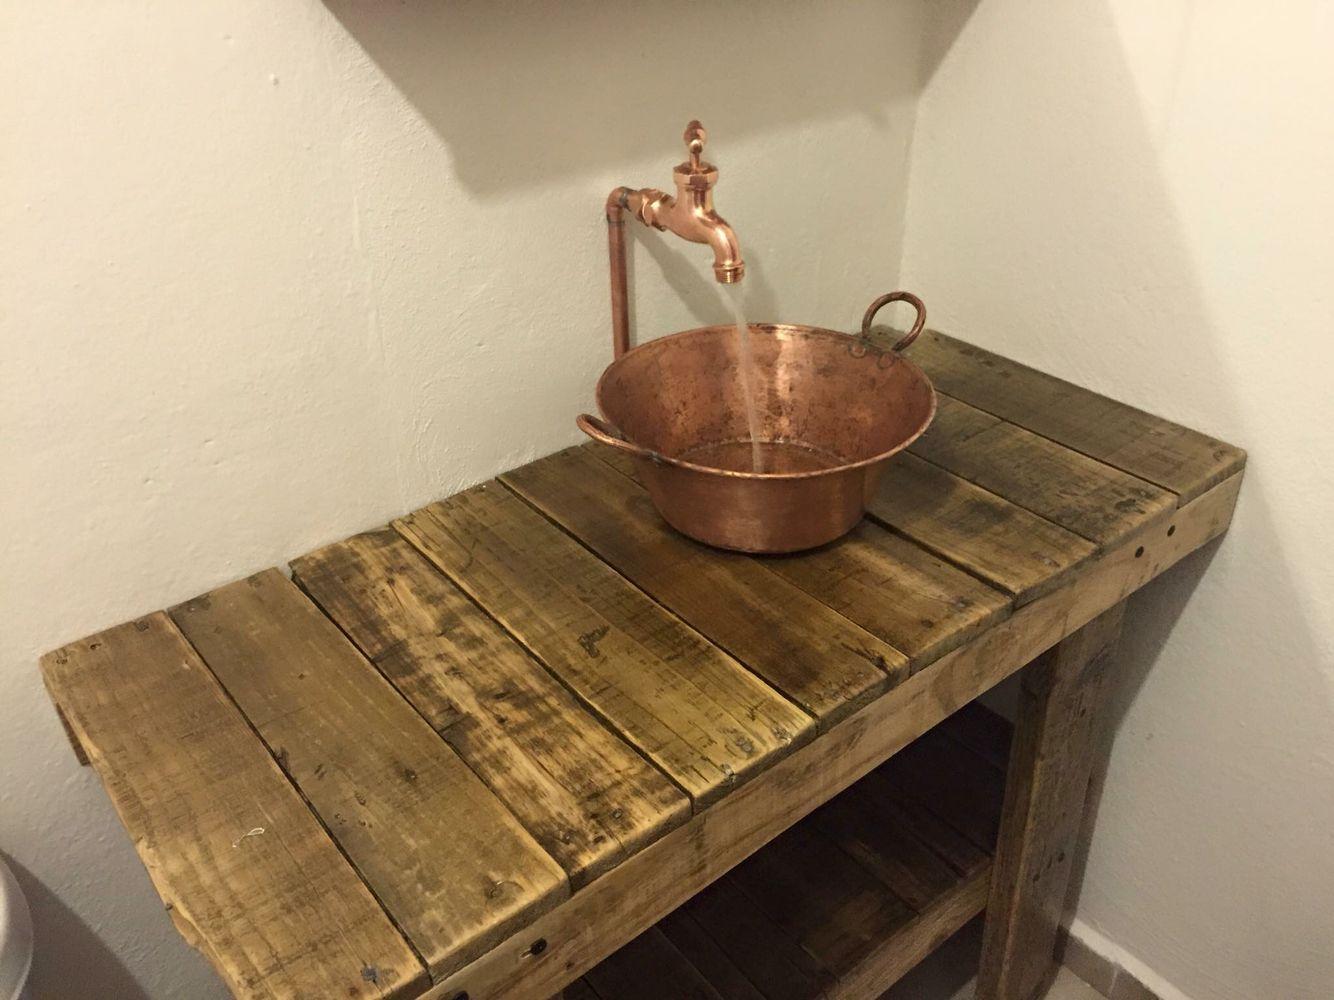 lavabo hecho con un cazo de lat n tuber a de cobre y ForLlaves Para Lavabo Rusticas